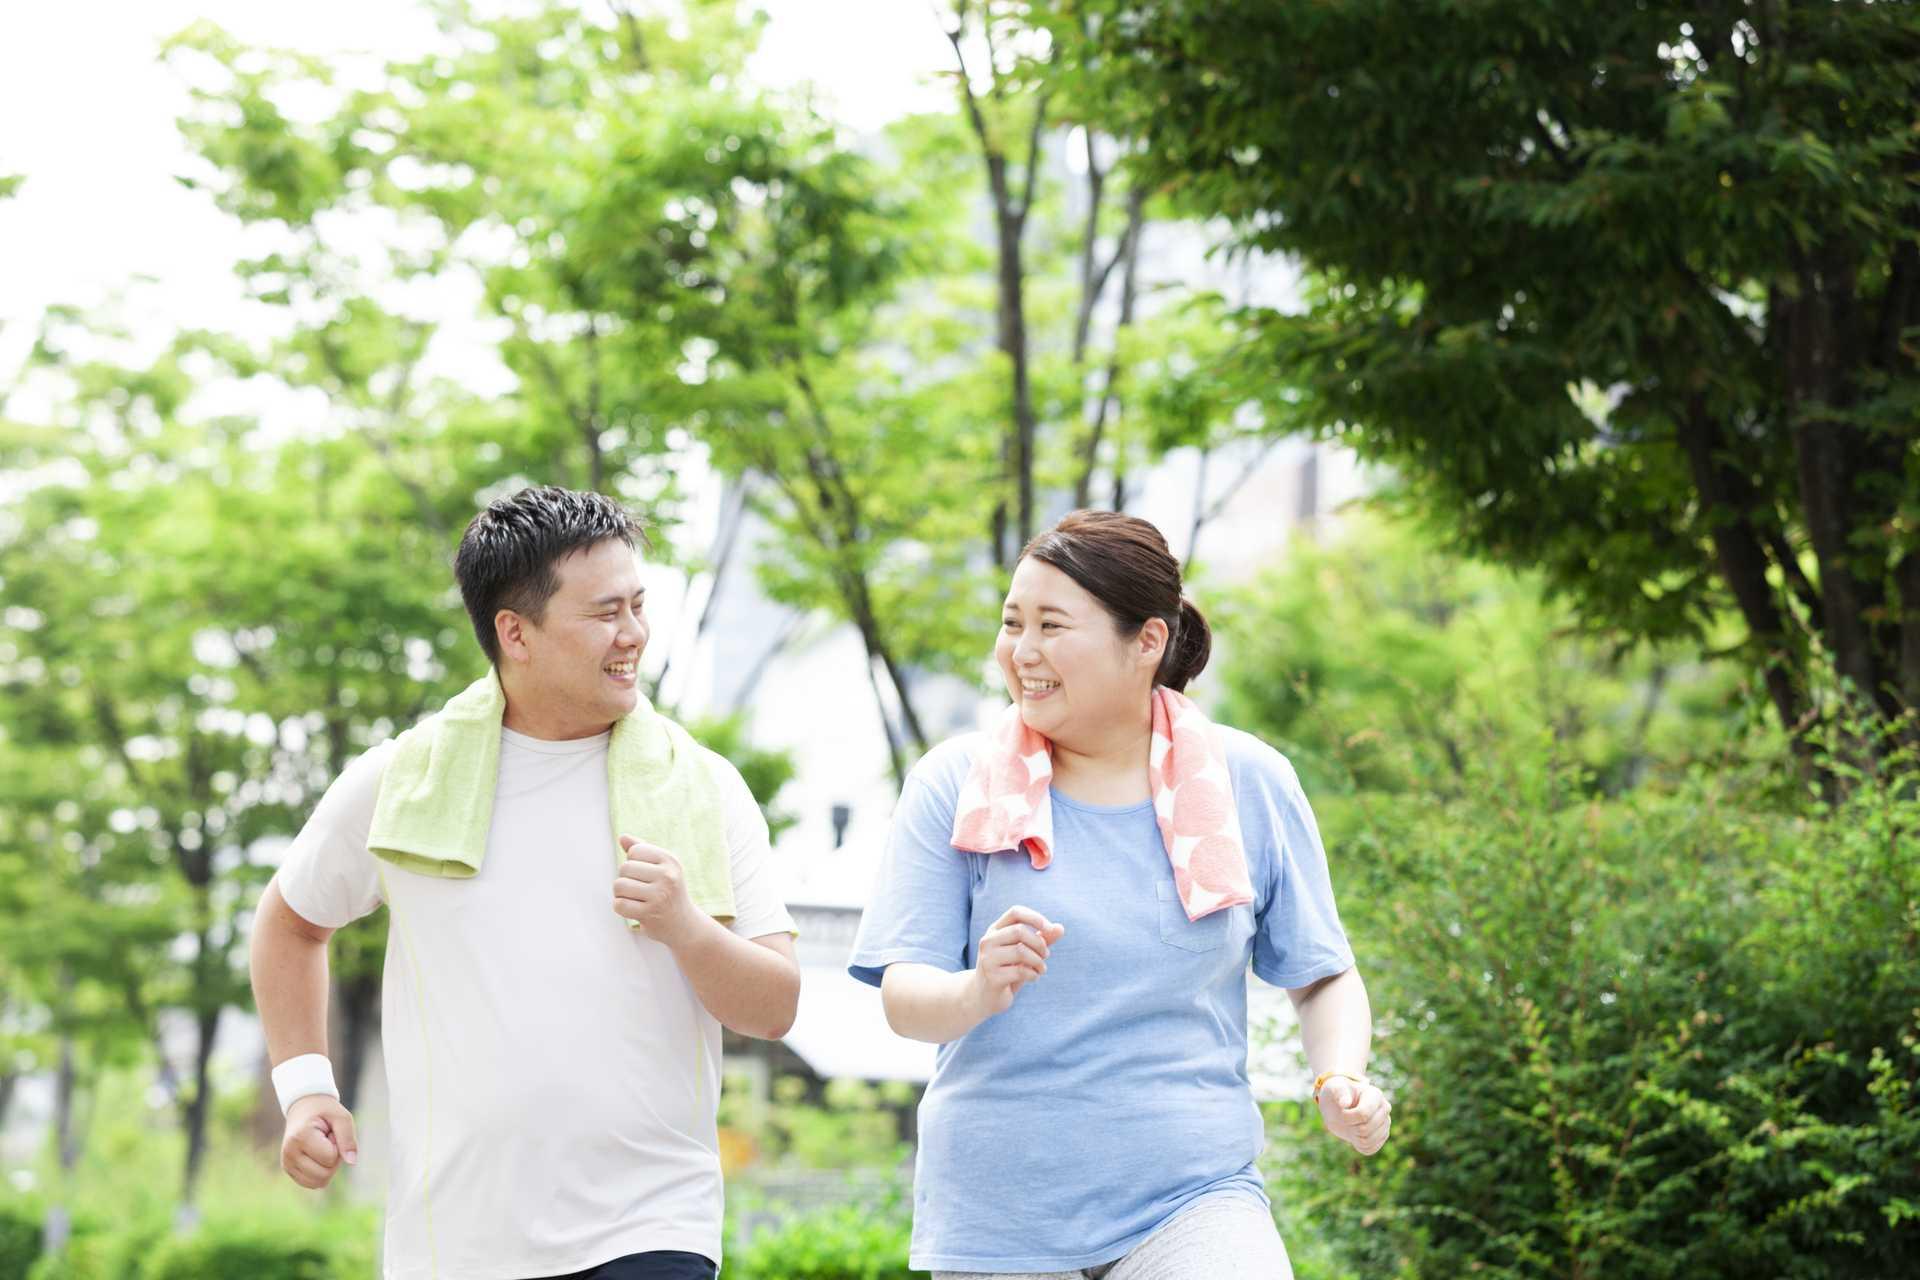 健康で大切なのは「1日に歩いた歩数」より「歩き続けた日数」。 | 健康のためになる30の散歩術